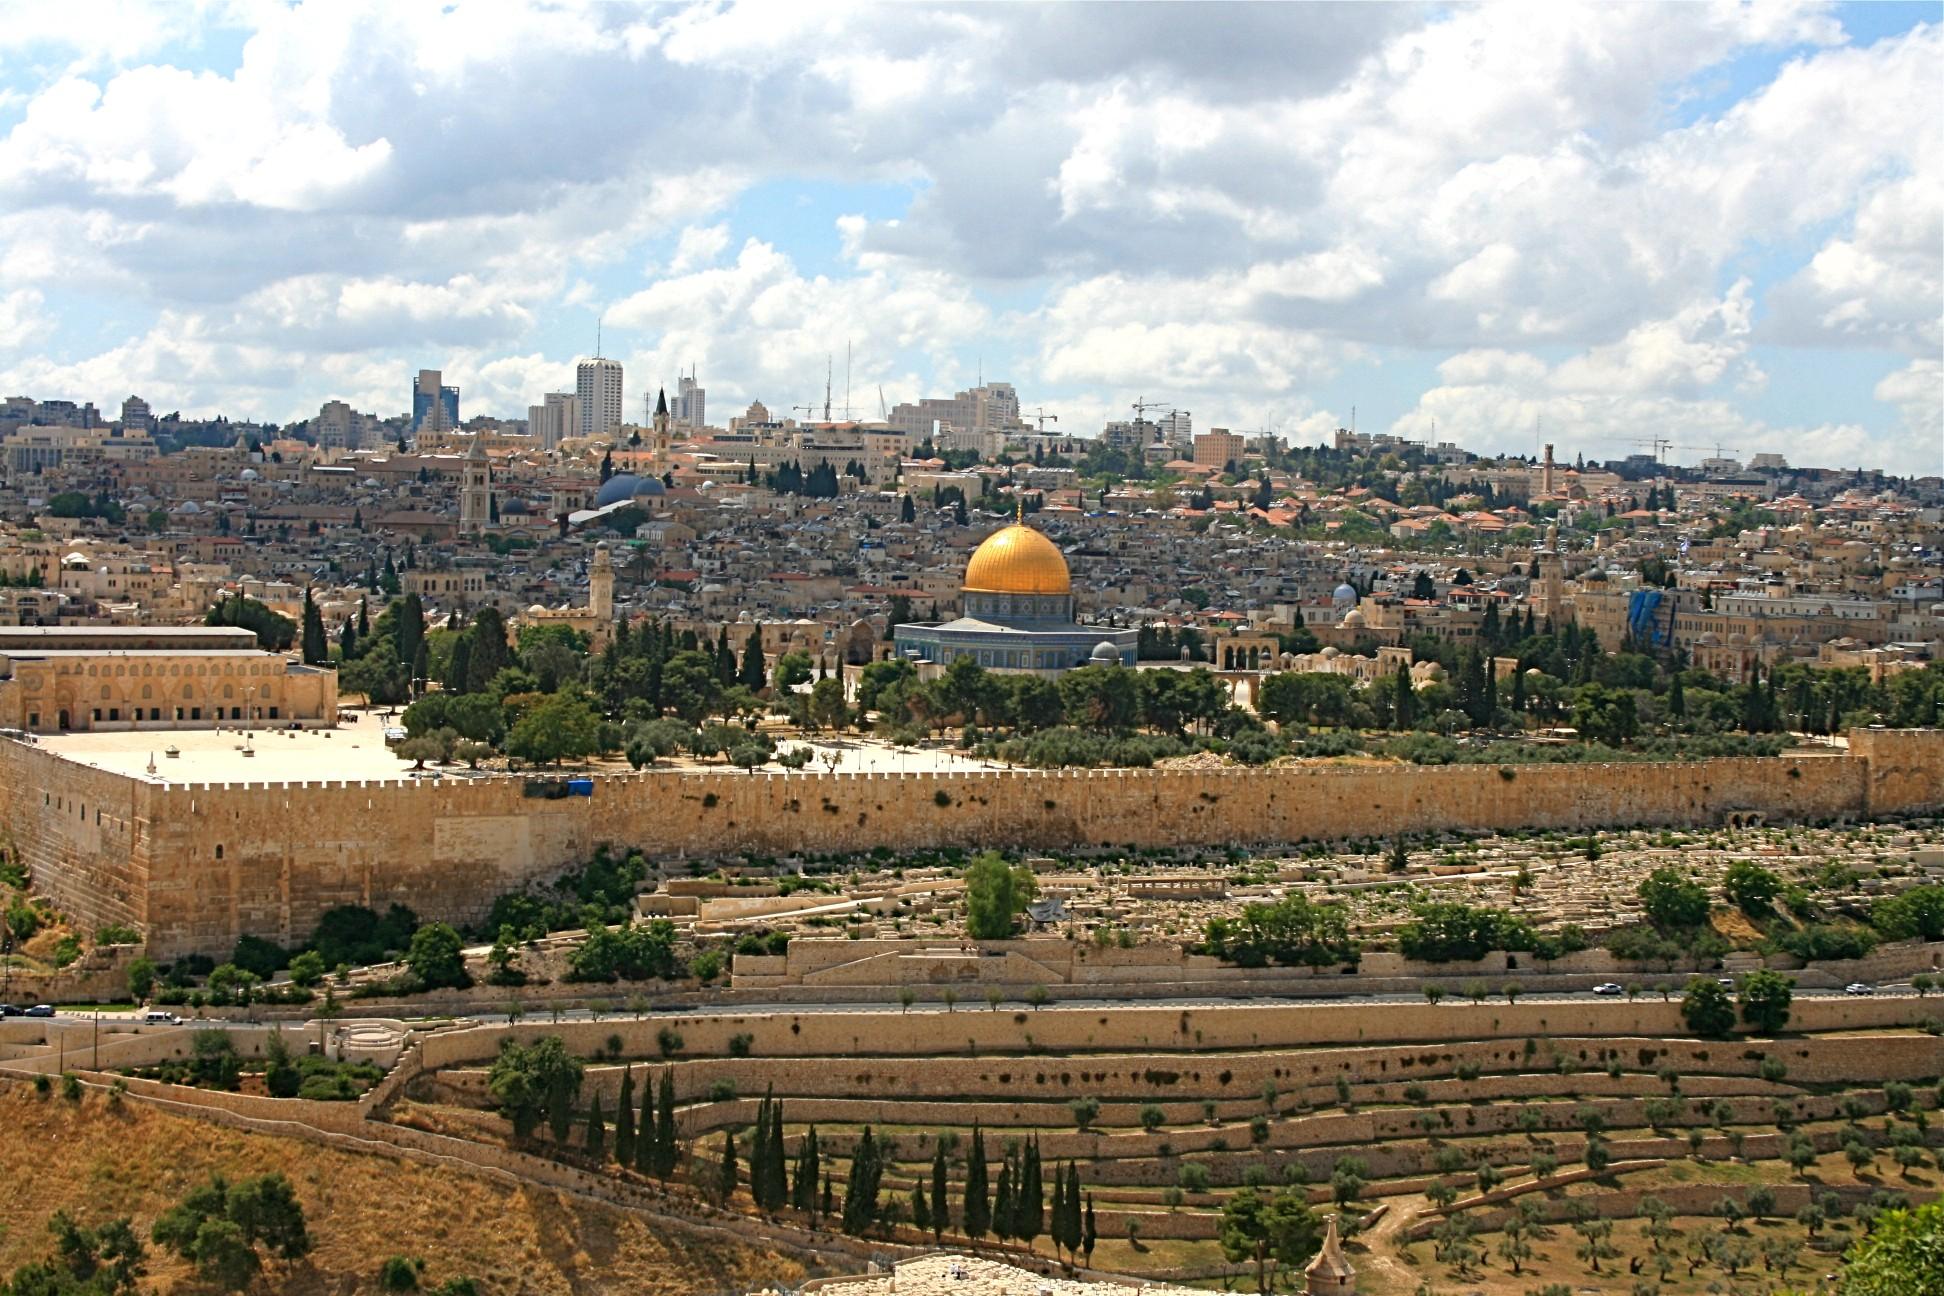 jerusalem web page cover.jpg